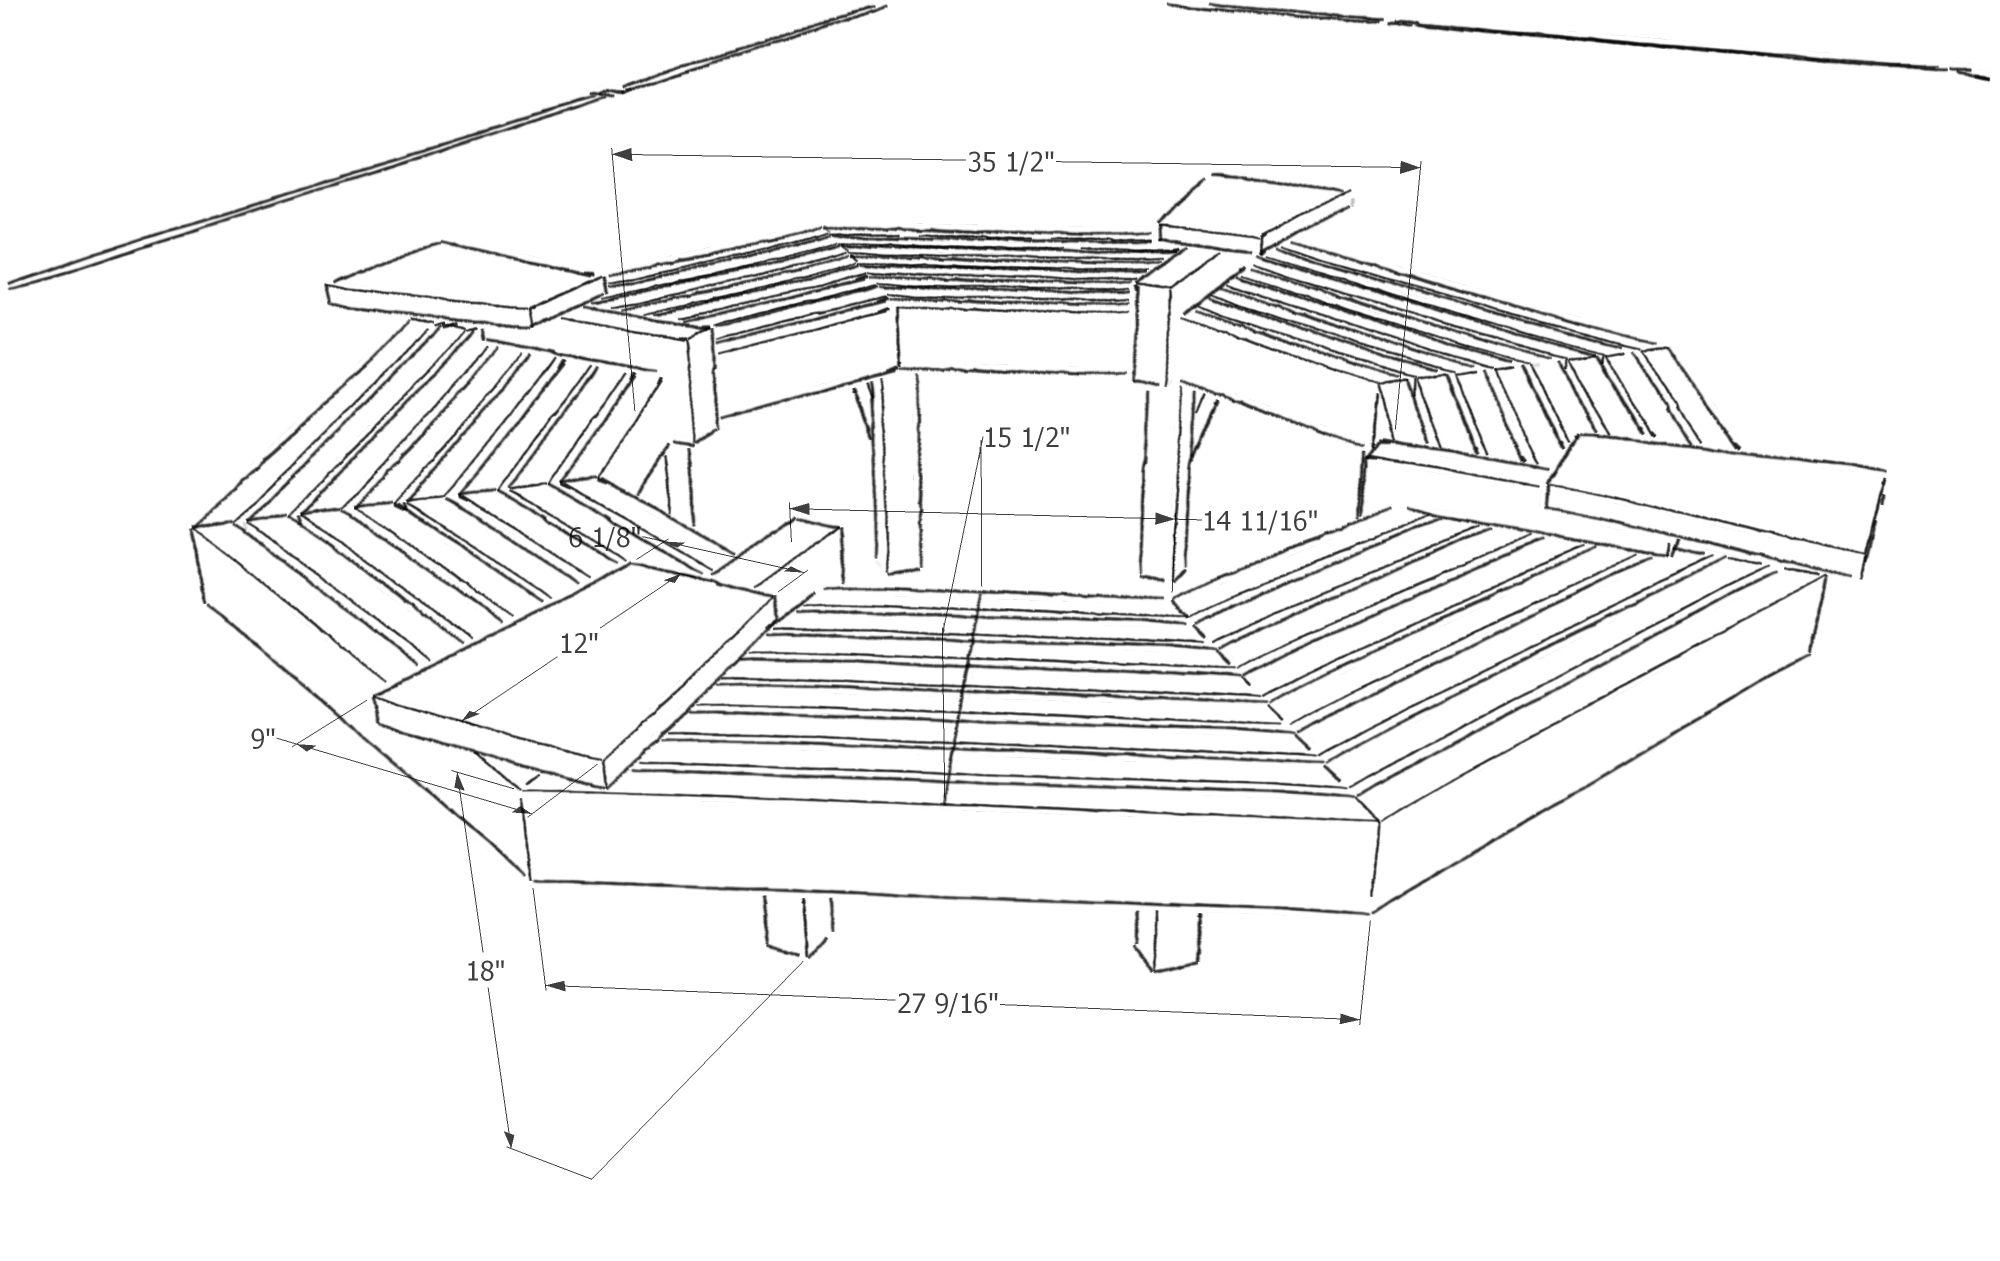 52 Outdoor Bench Plans The Mega Guide To Free Garden Bench Plans Affordable Backyard Ideas Garden Bench Plans Outdoor Bench Plans